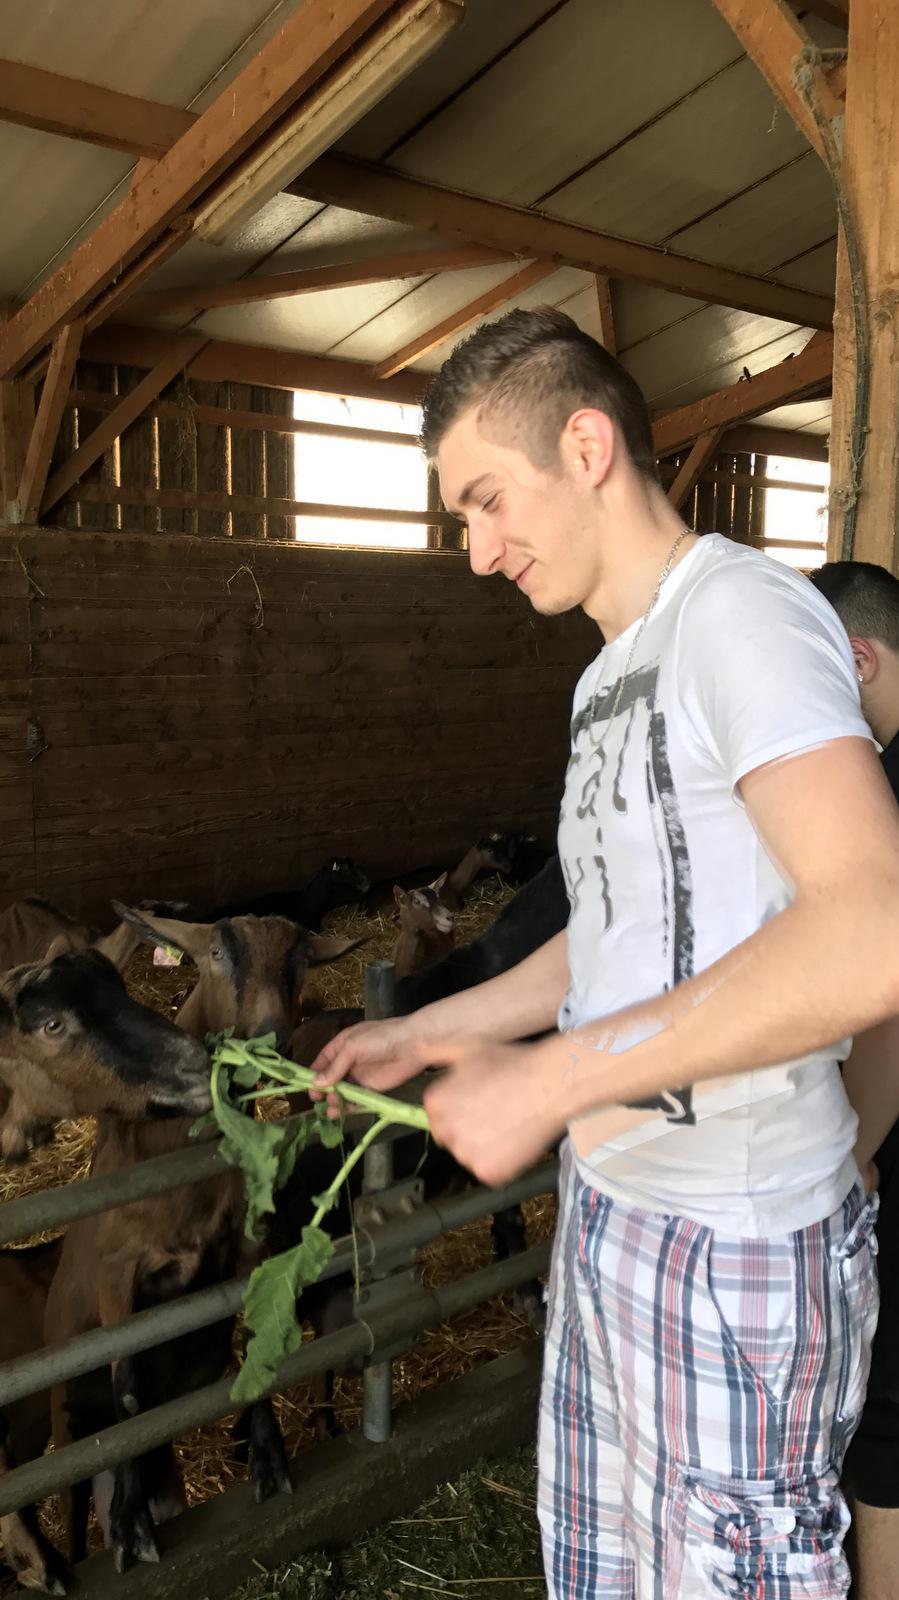 Alexis Technicien Agricole amoureux des chèvres